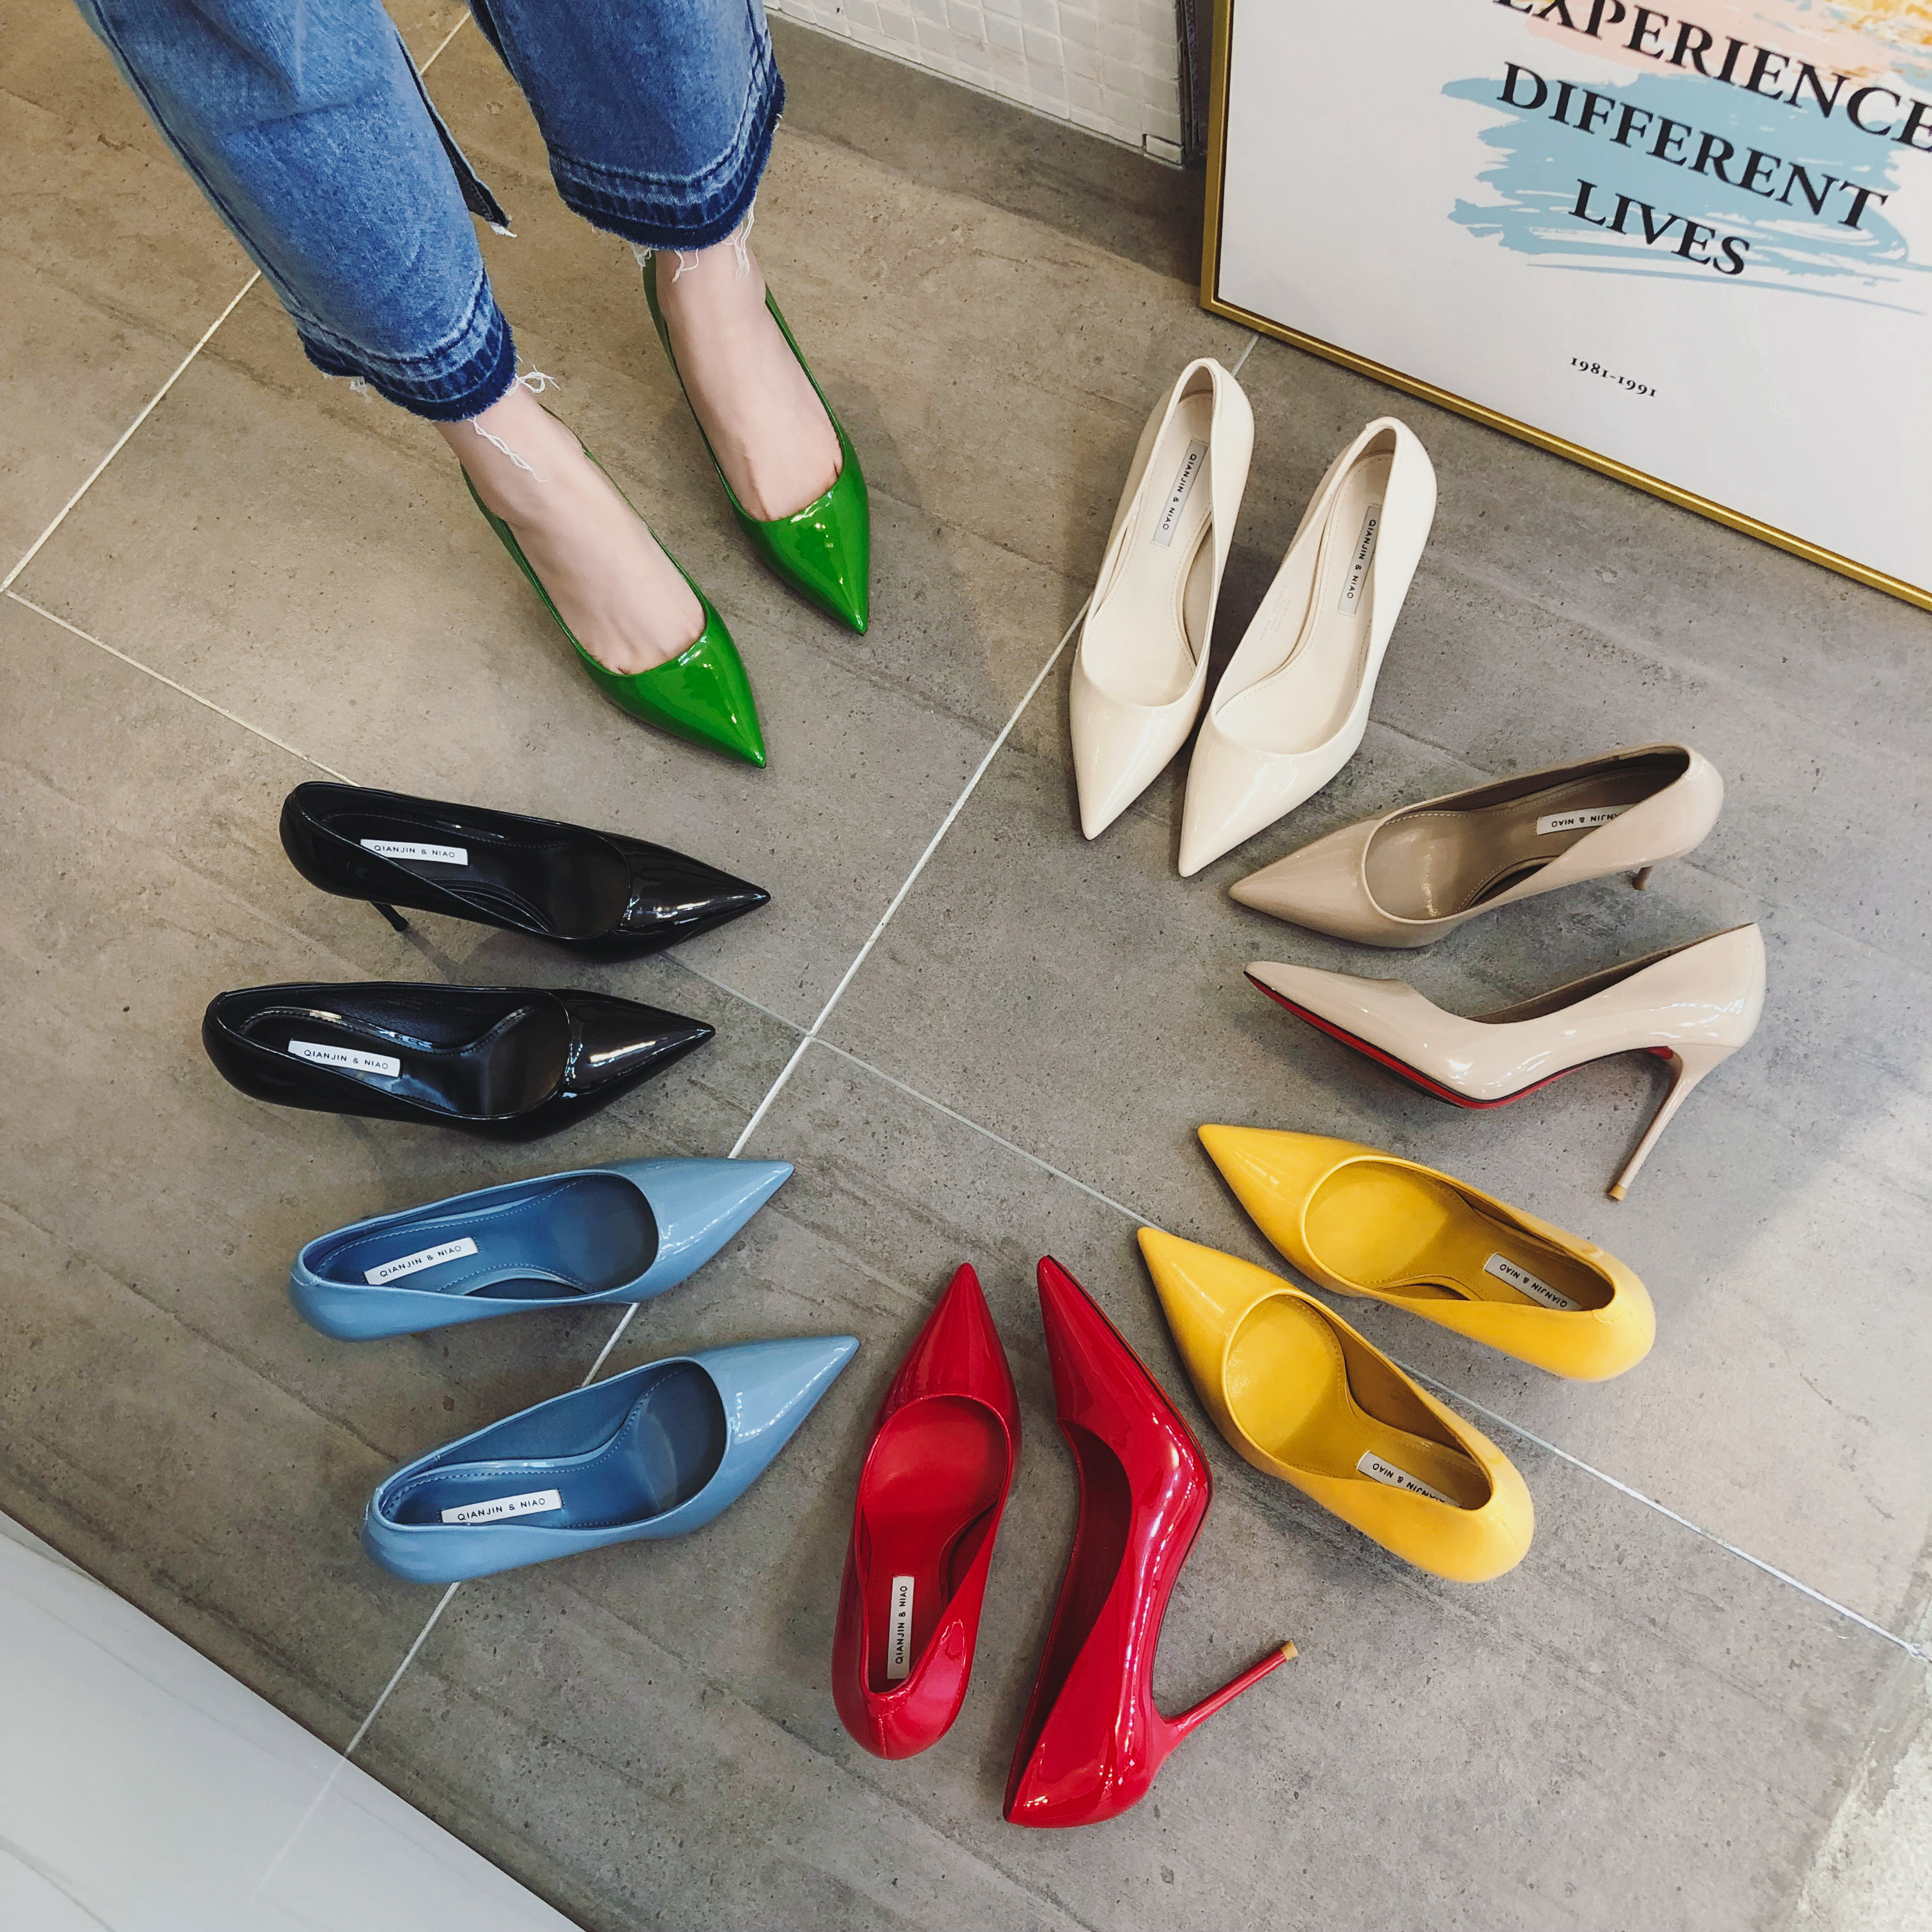 绿色高跟鞋 20新款高端彩色高跟鞋糖果色漆皮蓝色绿色彩虹细跟尖头单鞋女_推荐淘宝好看的绿色高跟鞋